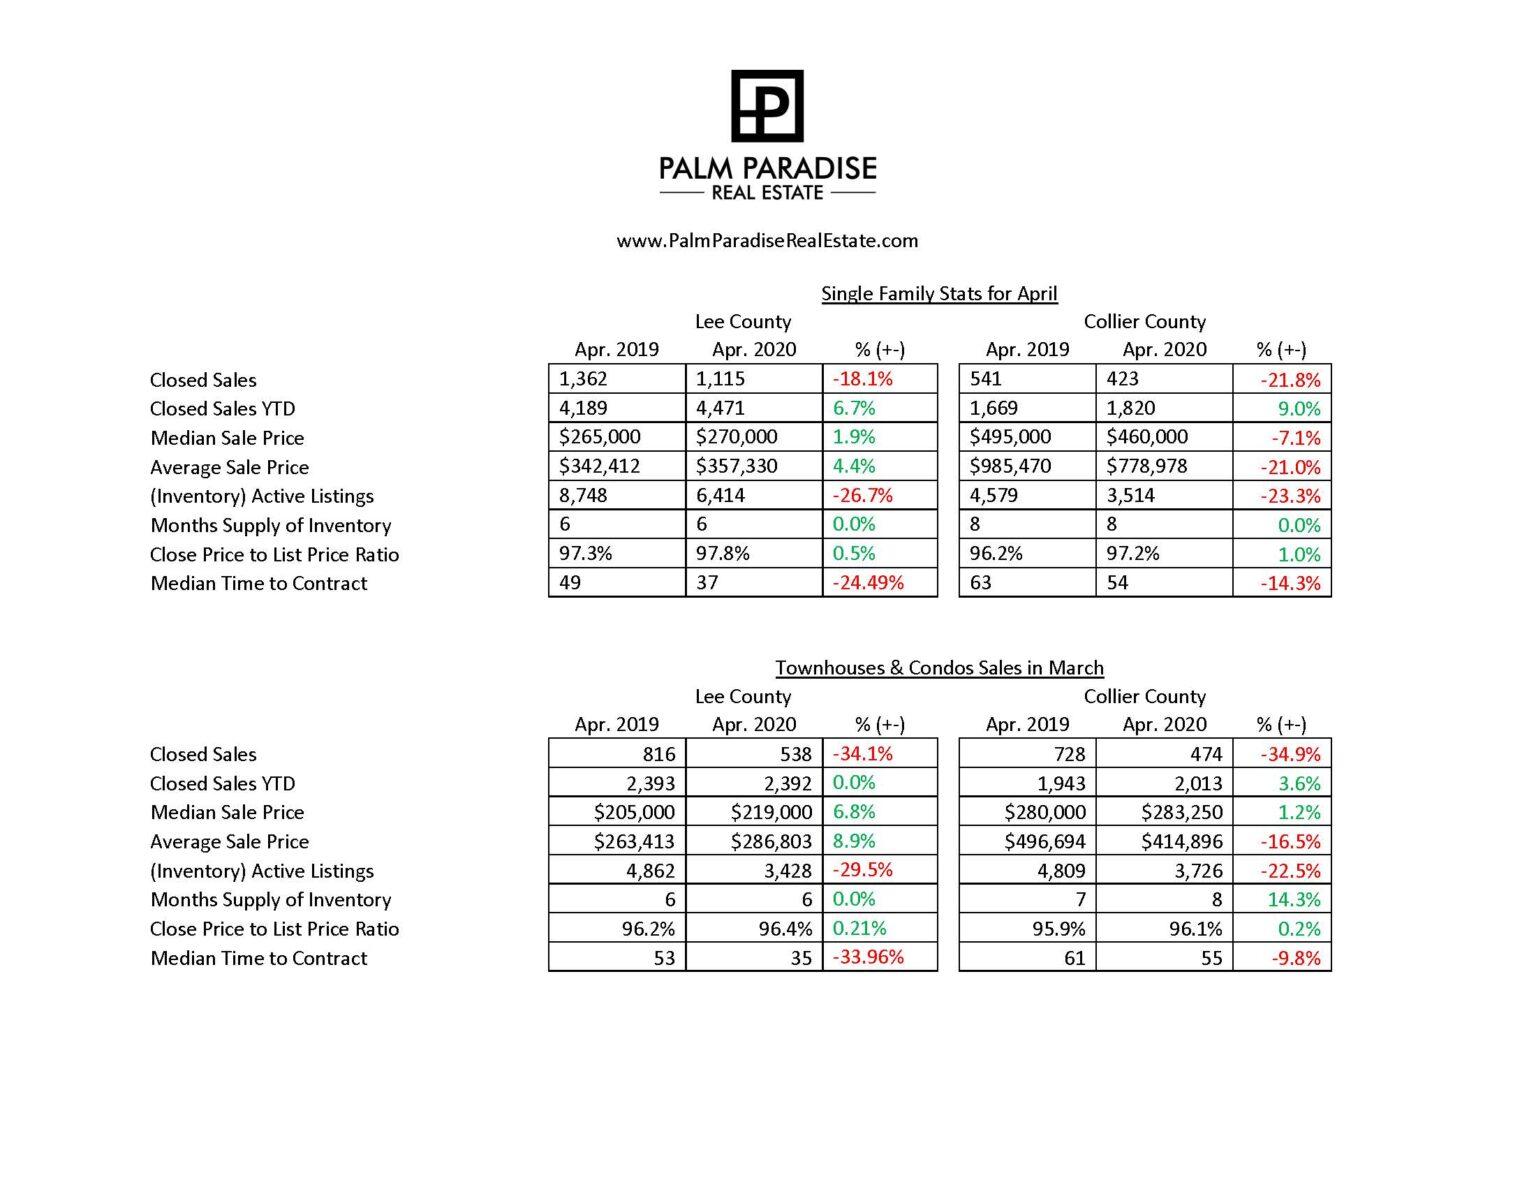 April 2020 Market Statistics for SouthWest Florida